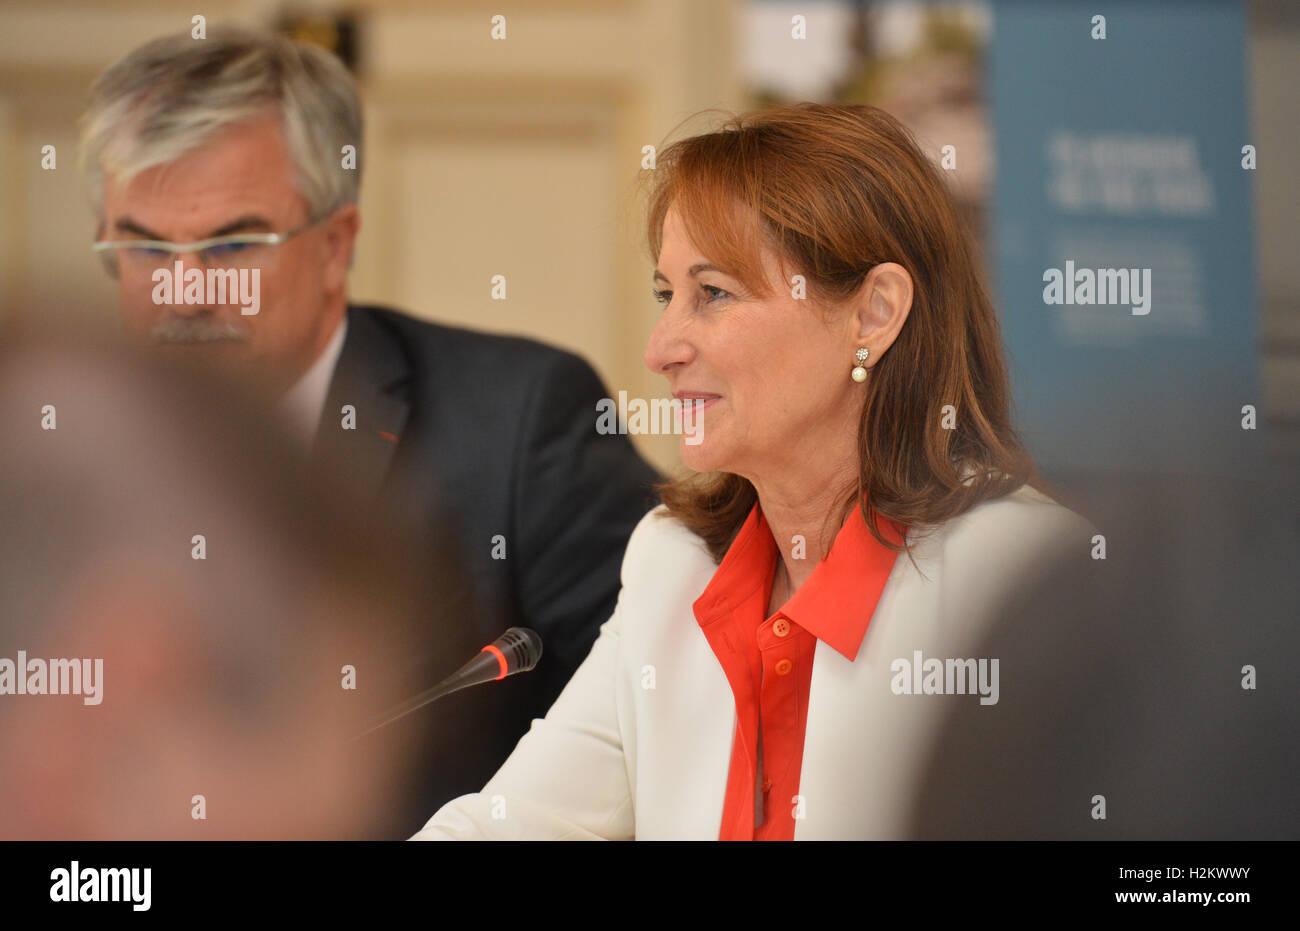 Paris, France. Sep 29, 2016. Le ministre français de l'environnement Ségolène Royal en photo au cours d'une visite Banque D'Images